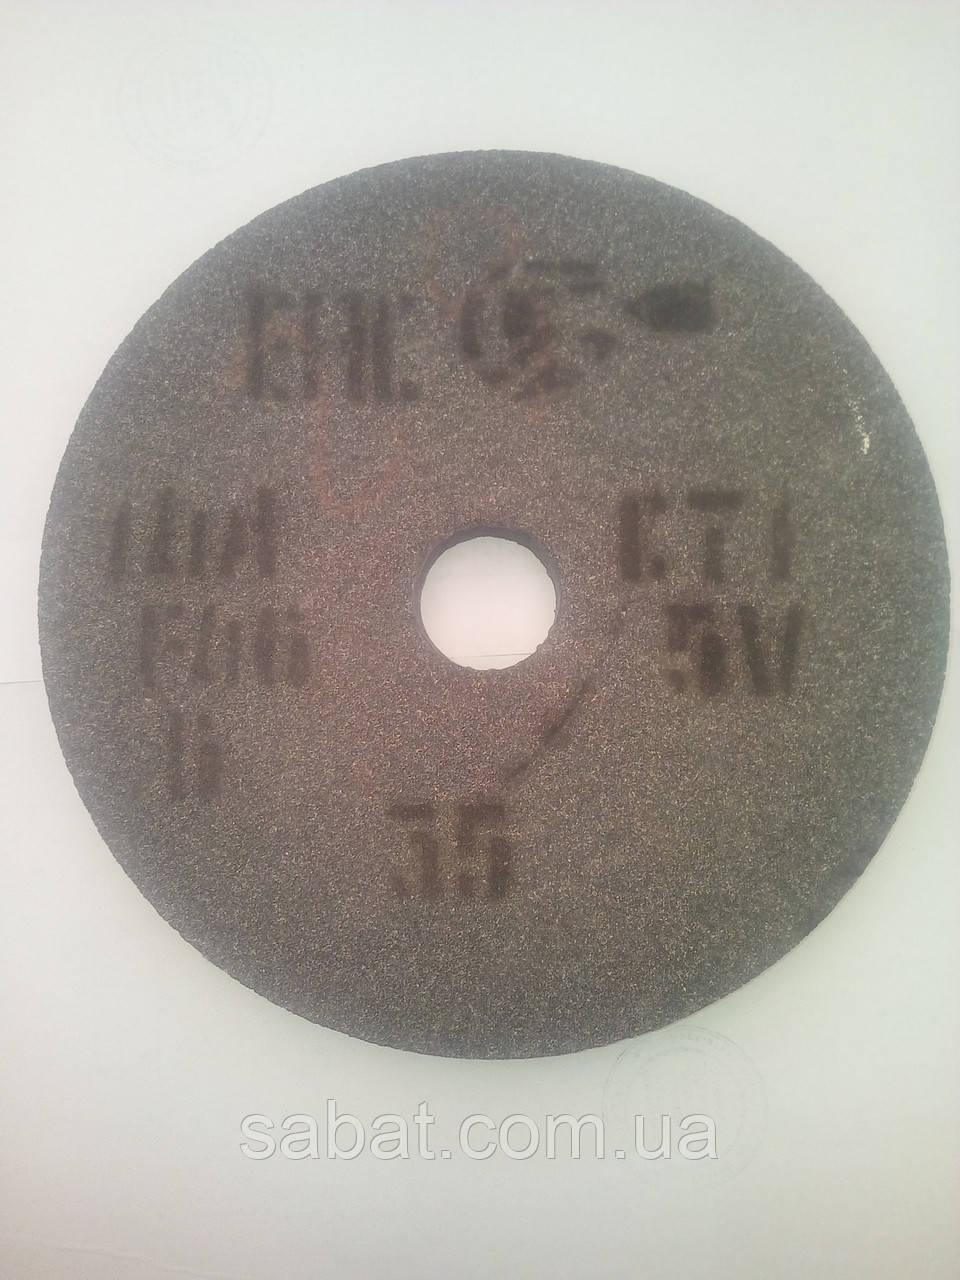 Круг шлифовальный серый 14А F46-50 СТ-СМ 125х16х32